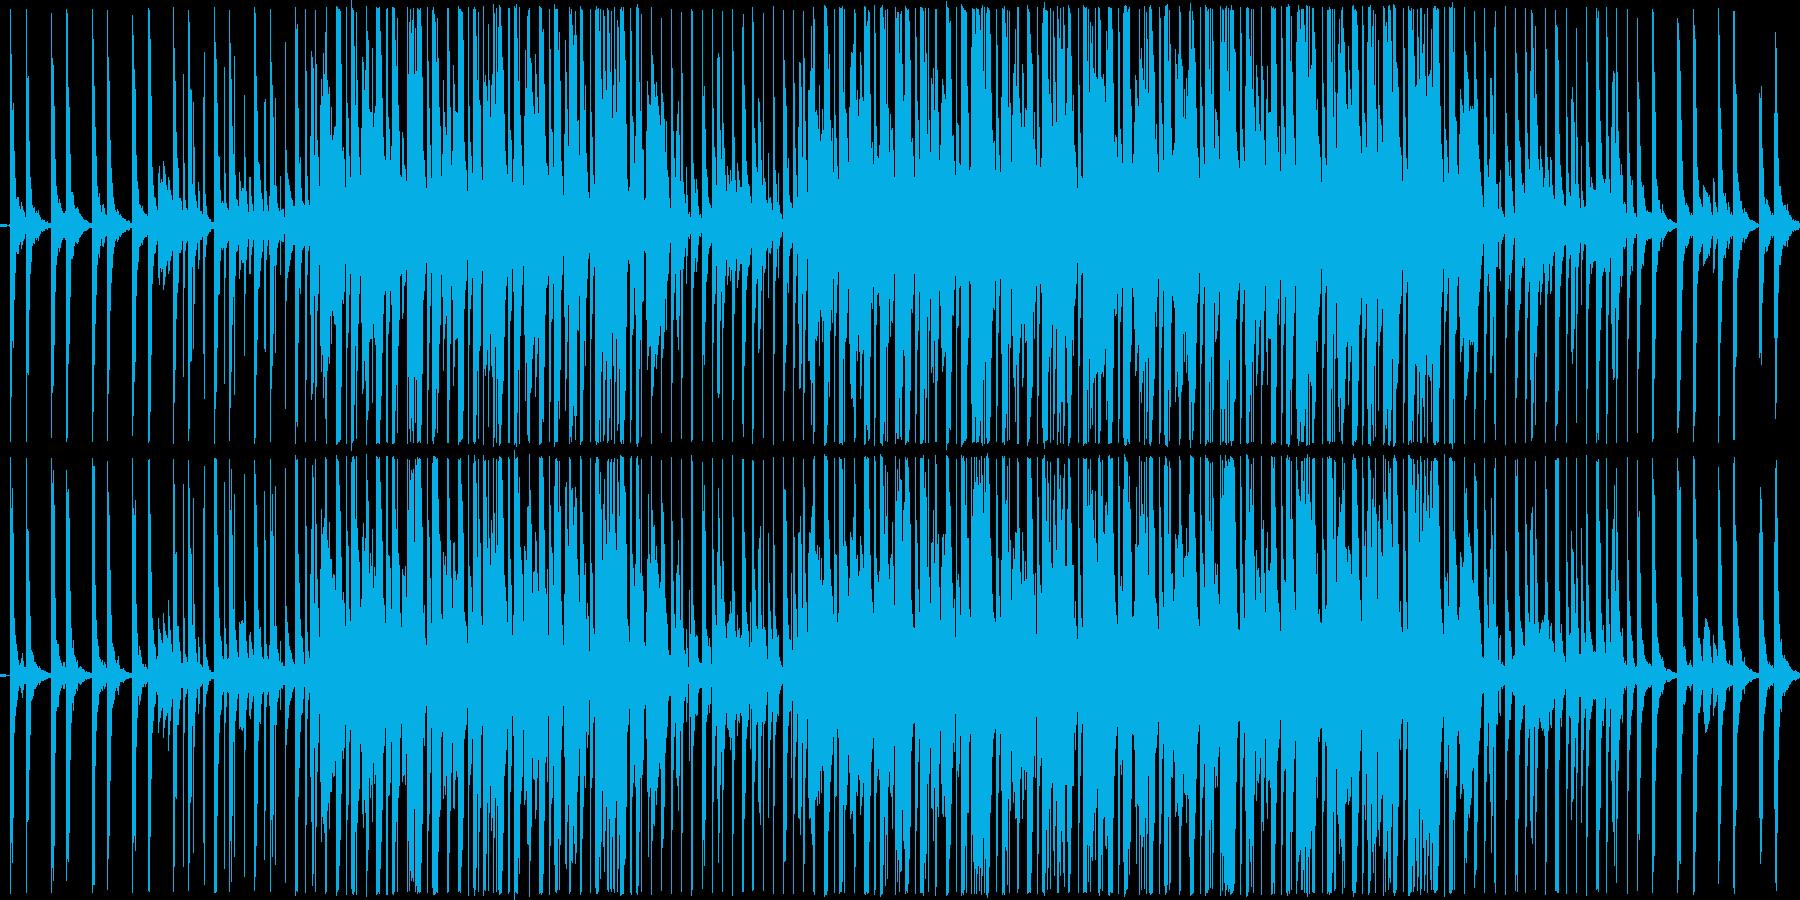 【メロディ抜き】バイオリンを主体とした…の再生済みの波形